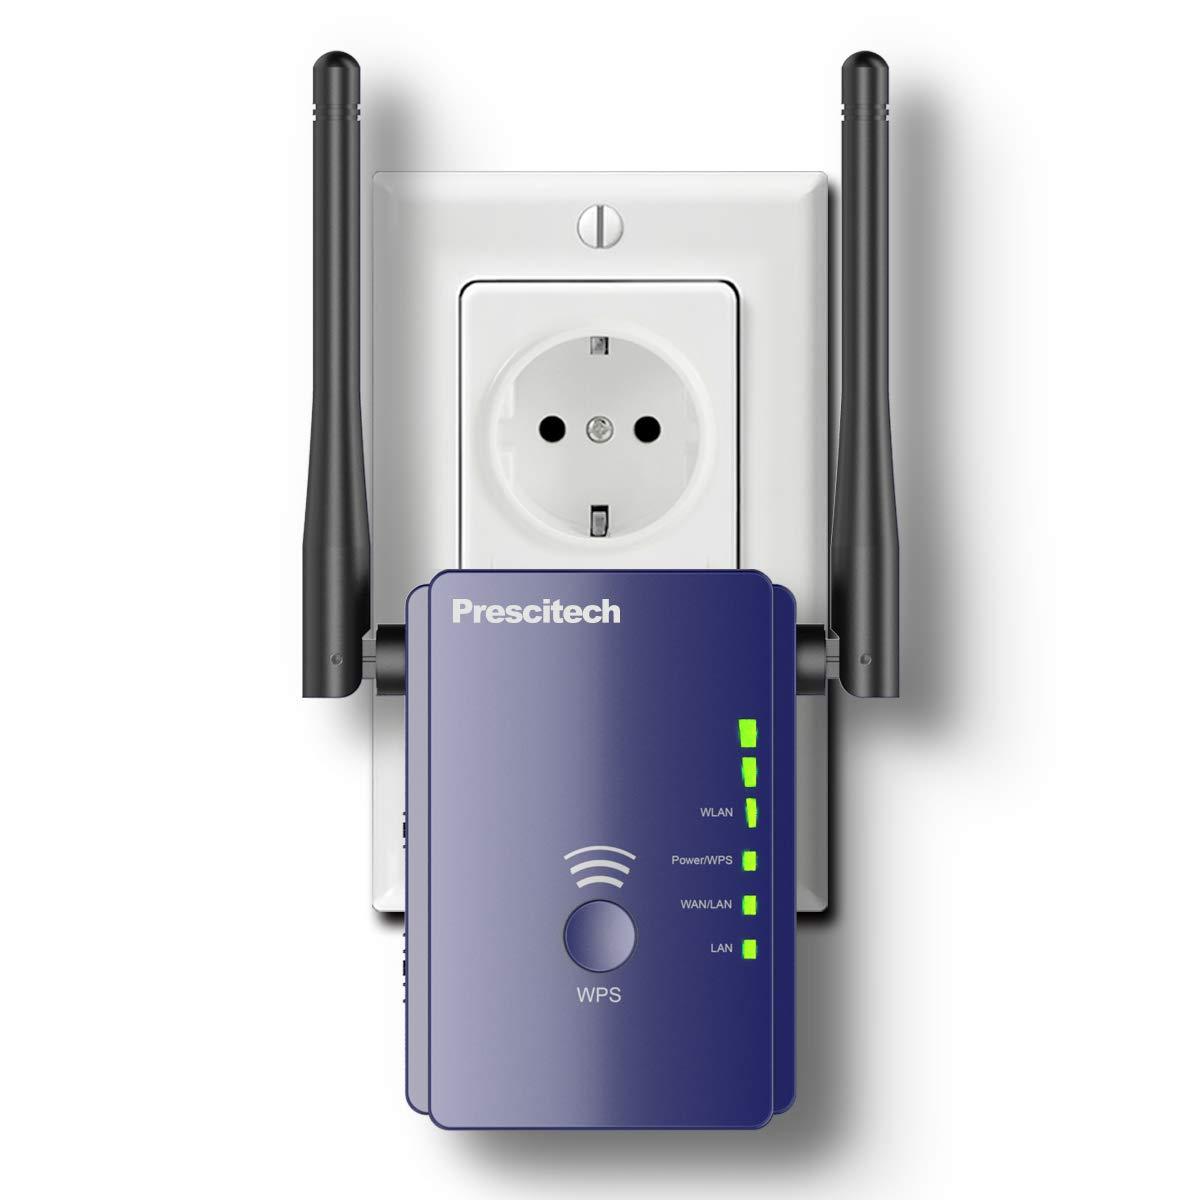 Coredy WLAN Verstä rker, Prescitech E300 Mini WLAN Repeater Signal WLAN Verstaerker (300 Mbit/s, 2 LAN-Ports, WPS, kompatibel mit Allen WLAN Gerä ten, Geeignet fü r Deutschland)